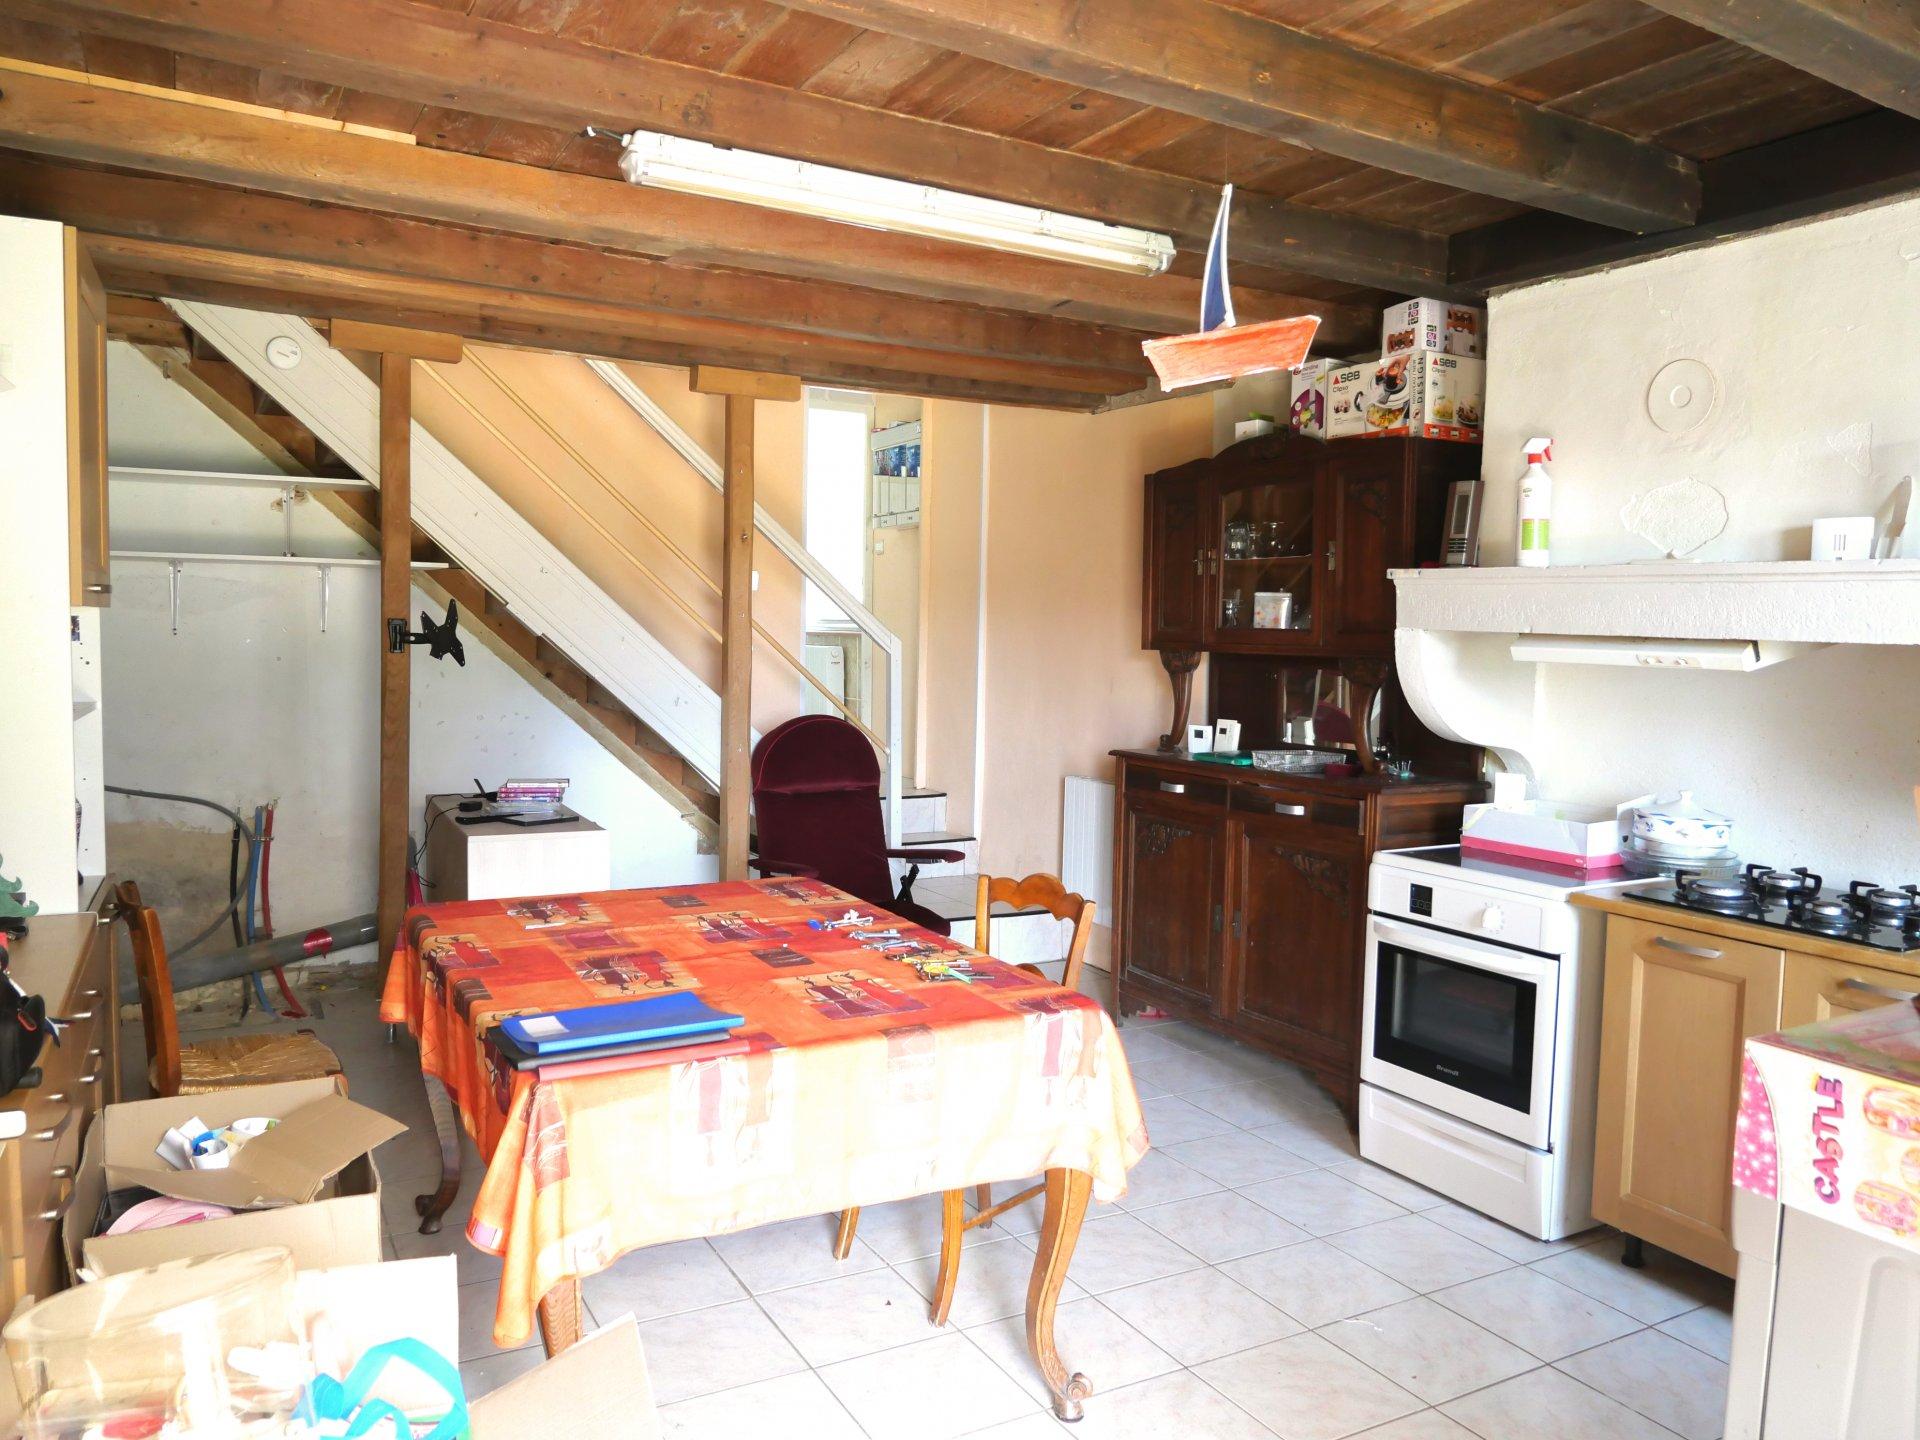 Sur la commune de Saint Gengoux de Scissé, dans un cadre bucolique, découvrez cette maison à rénover à fort potentiel. La partie d'habitable, d'une surface de 56 m², se compose d'une pièce de vie avec cuisine, d'une chambre, d'une vaste salle de bains avec douche et baignoire, et d'un toilette séparé. Cette maison est également dotée de nombreuses dépendances, possibilité d'aménager 166 m² de surface habitable supplémentaire! Une cave, un atelier une écurie complète ce bien. L'ensemble est implanté sur un terrain de 955 m². Cette maison en pierre ne manquant pas de charme saura vous séduire par son environnement calme et tout le potentiel qu'elle offre. Honoraires à la charge du vendeur.